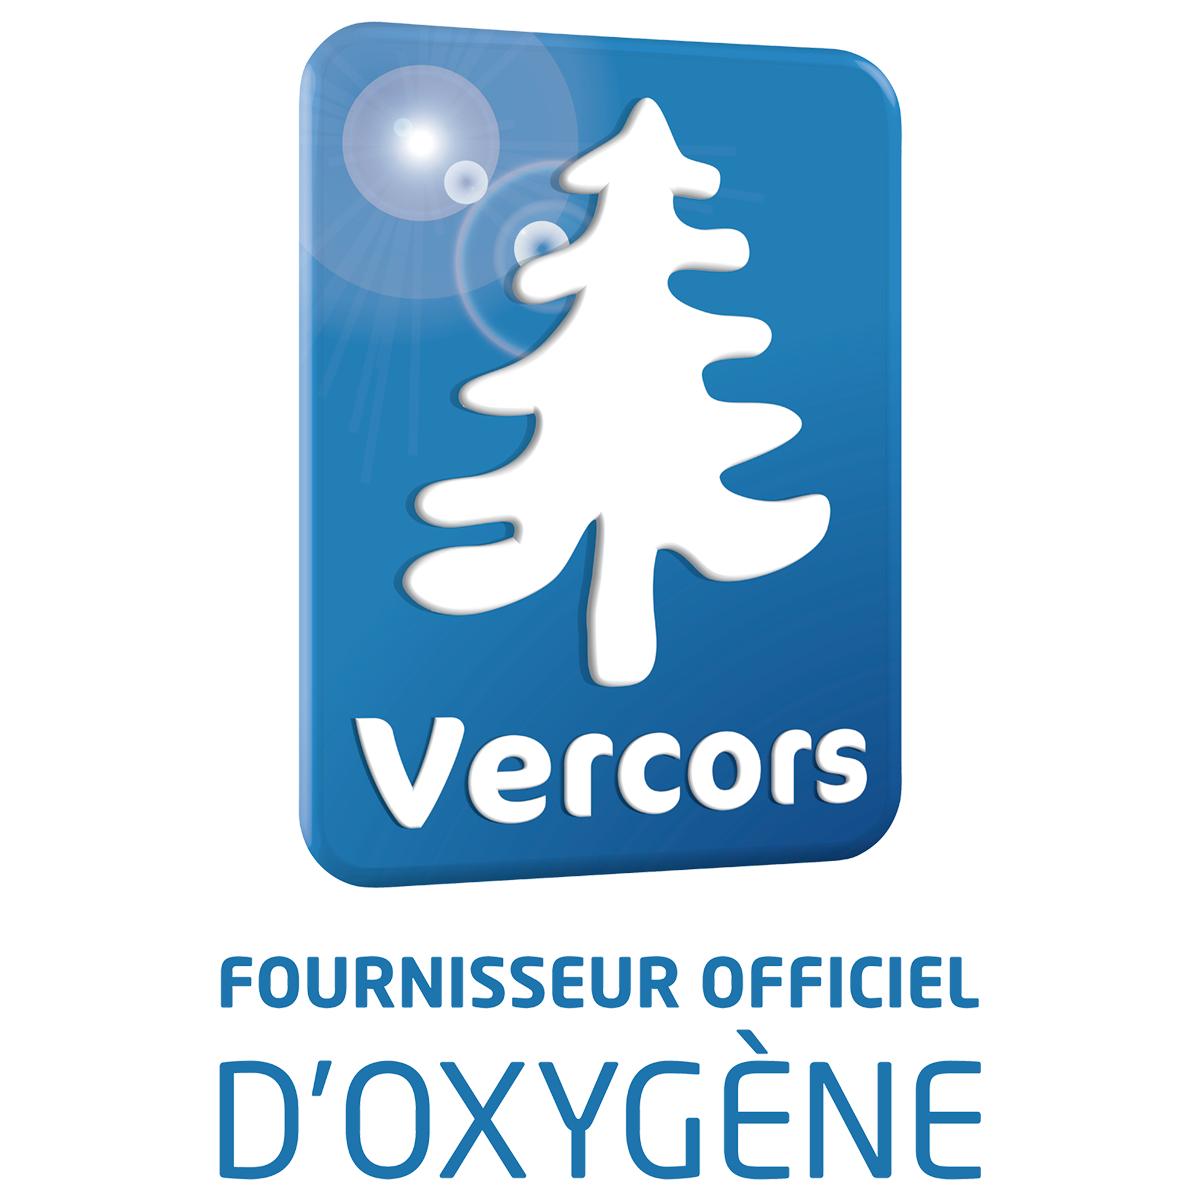 Vercors Oxygene